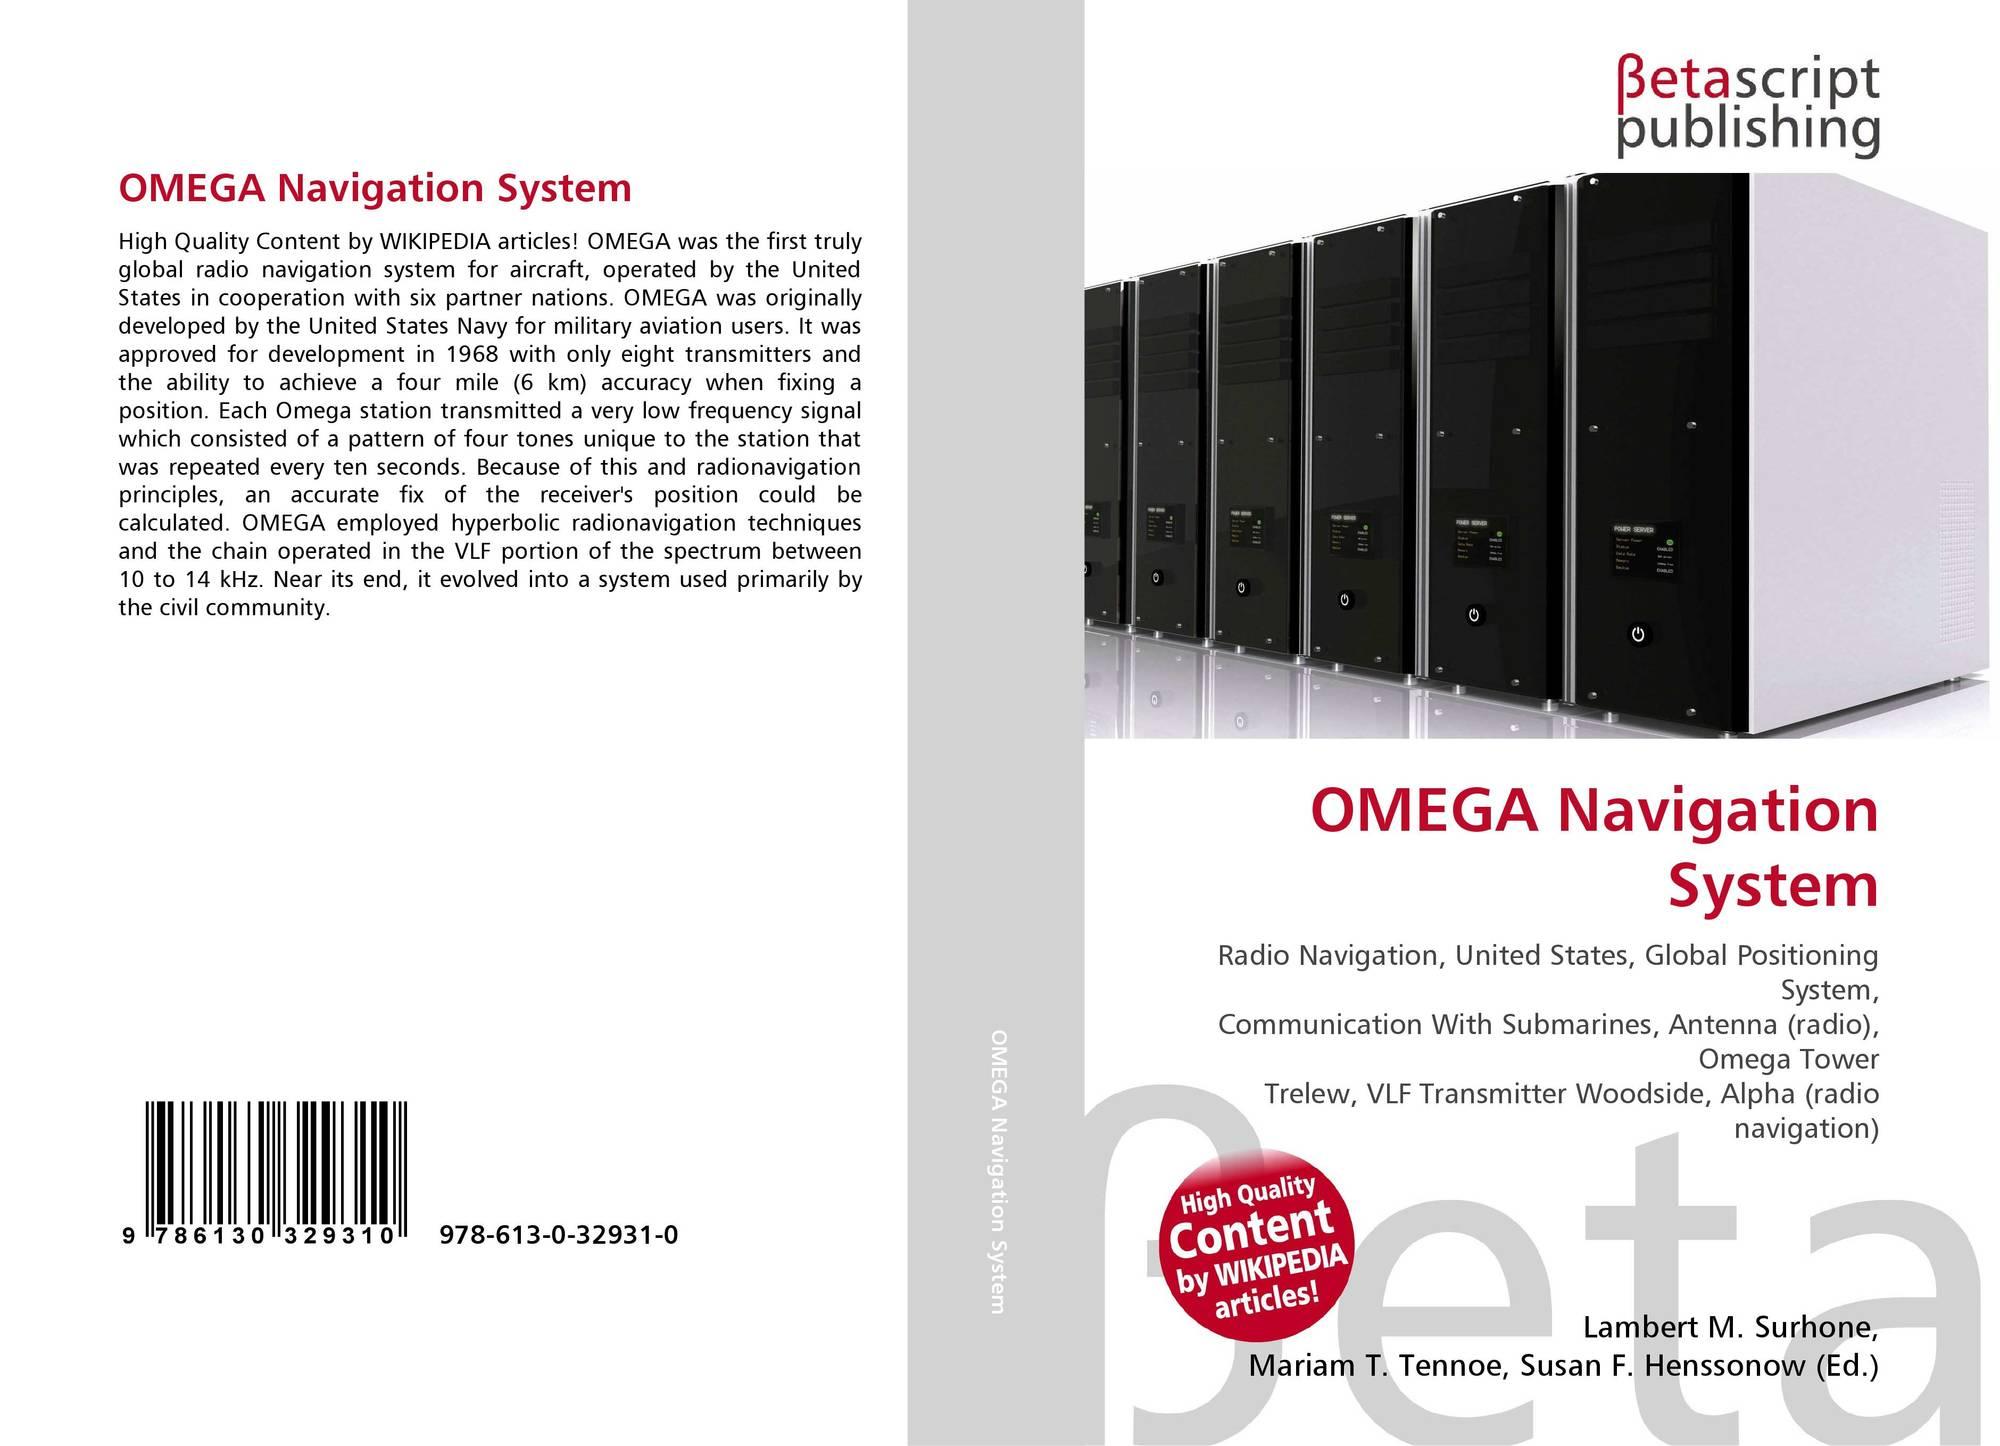 OMEGA Navigation System, 978-613-0-32931-0, 6130329318 ,9786130329310